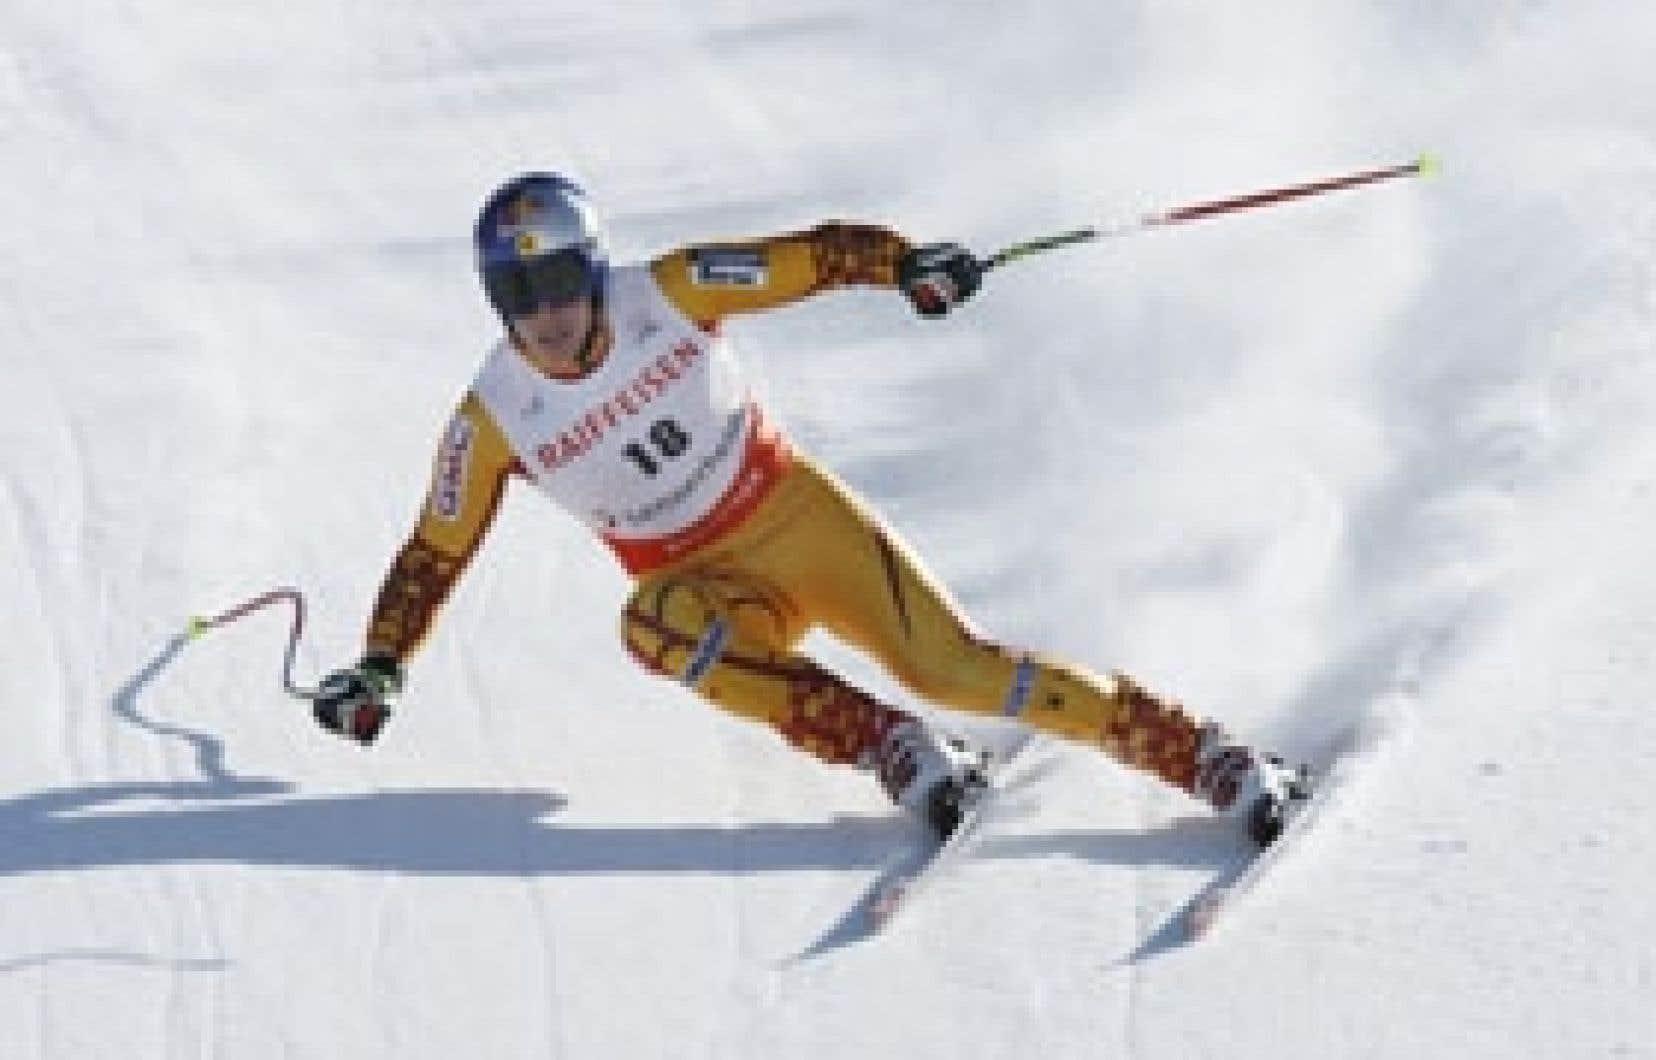 Ski alpin - Érik Guay complète la saison au troisième rang